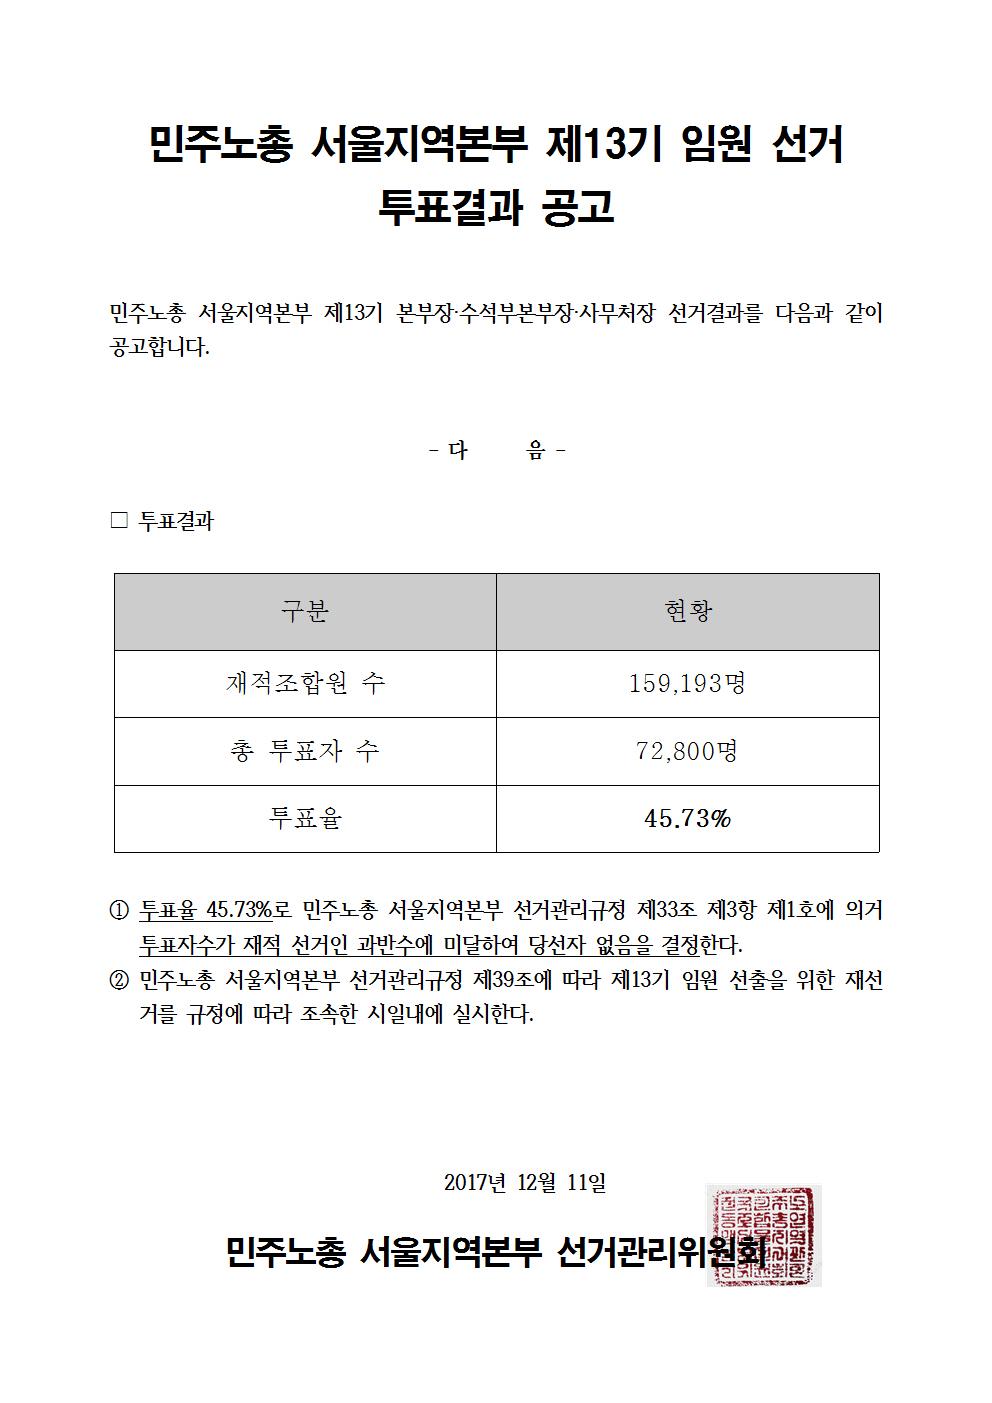 민주노총서울지역본부제13기임원선거투표결과공고.jpg